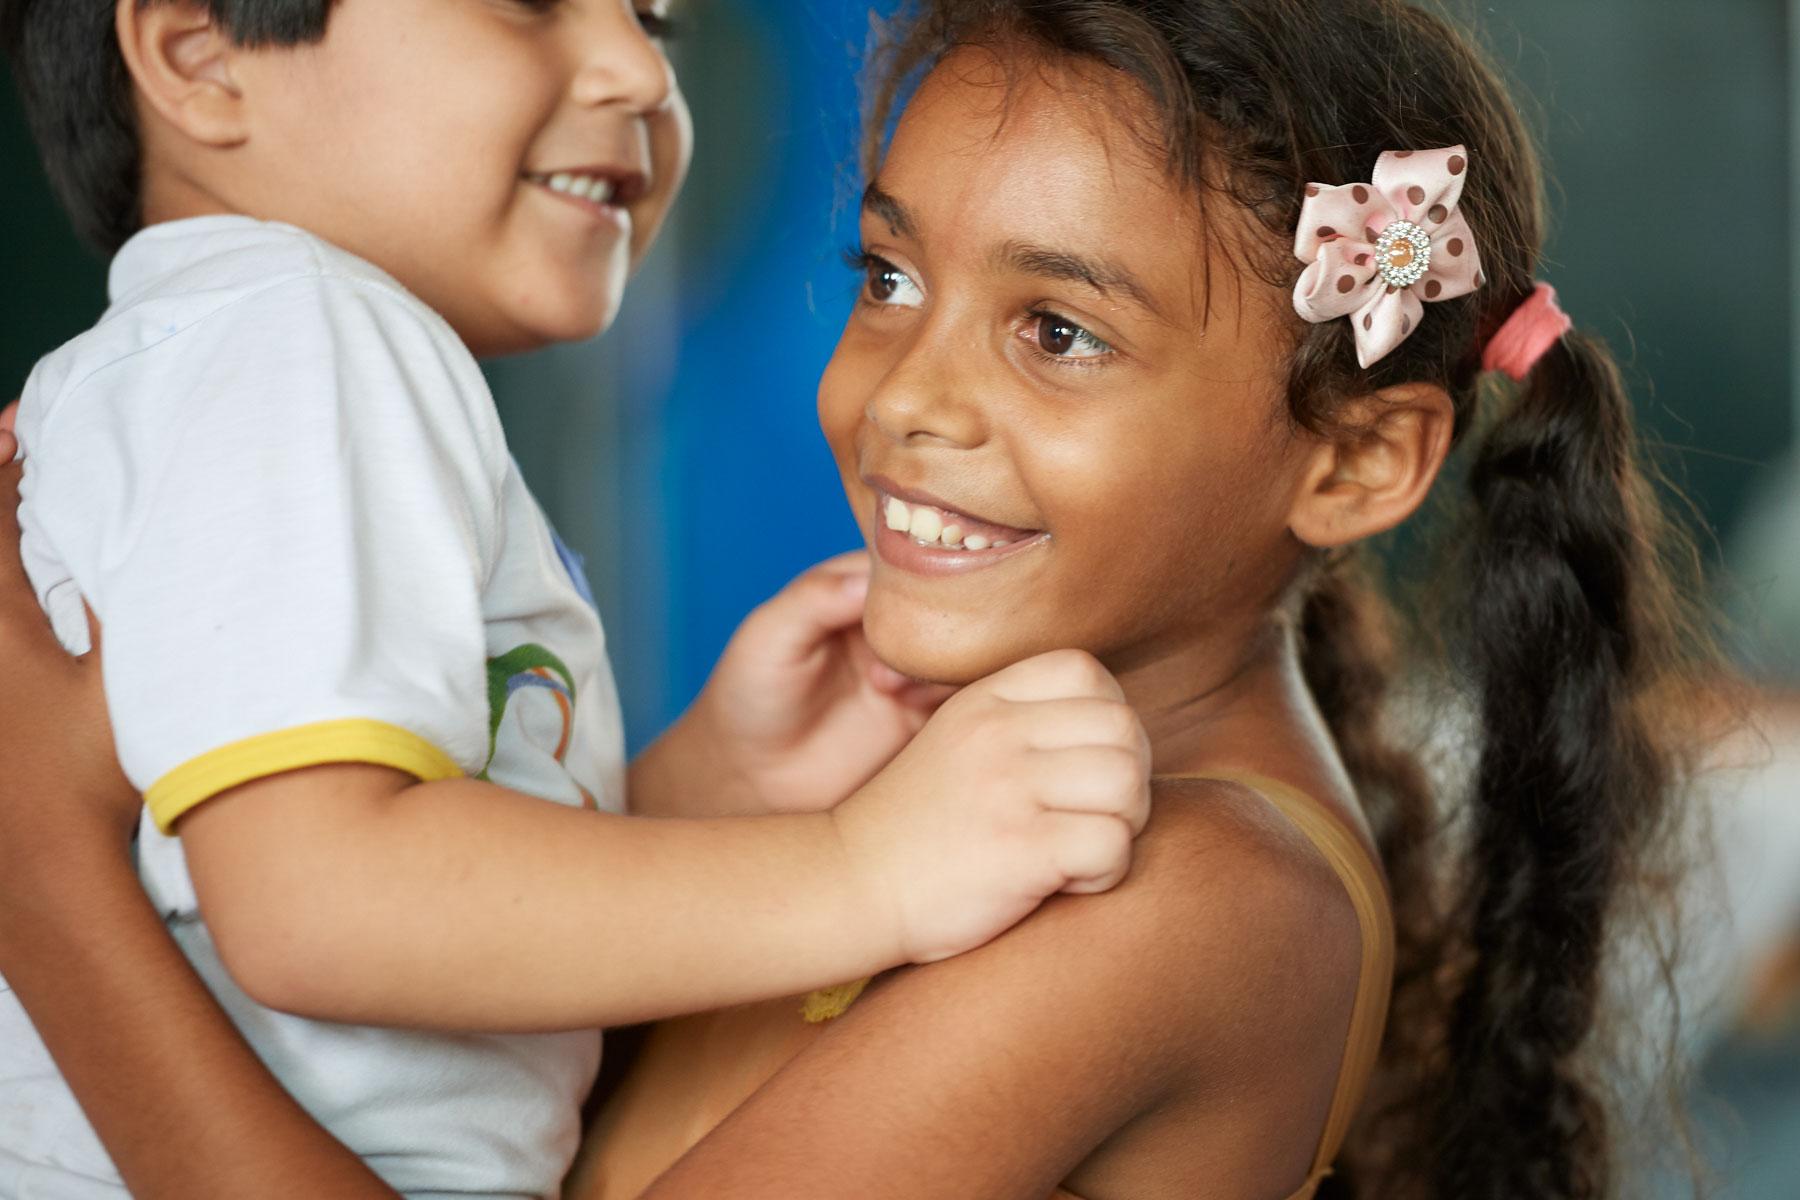 Bild einer brasilianischen Schülerin die mit einem kleinen Jungen trollt